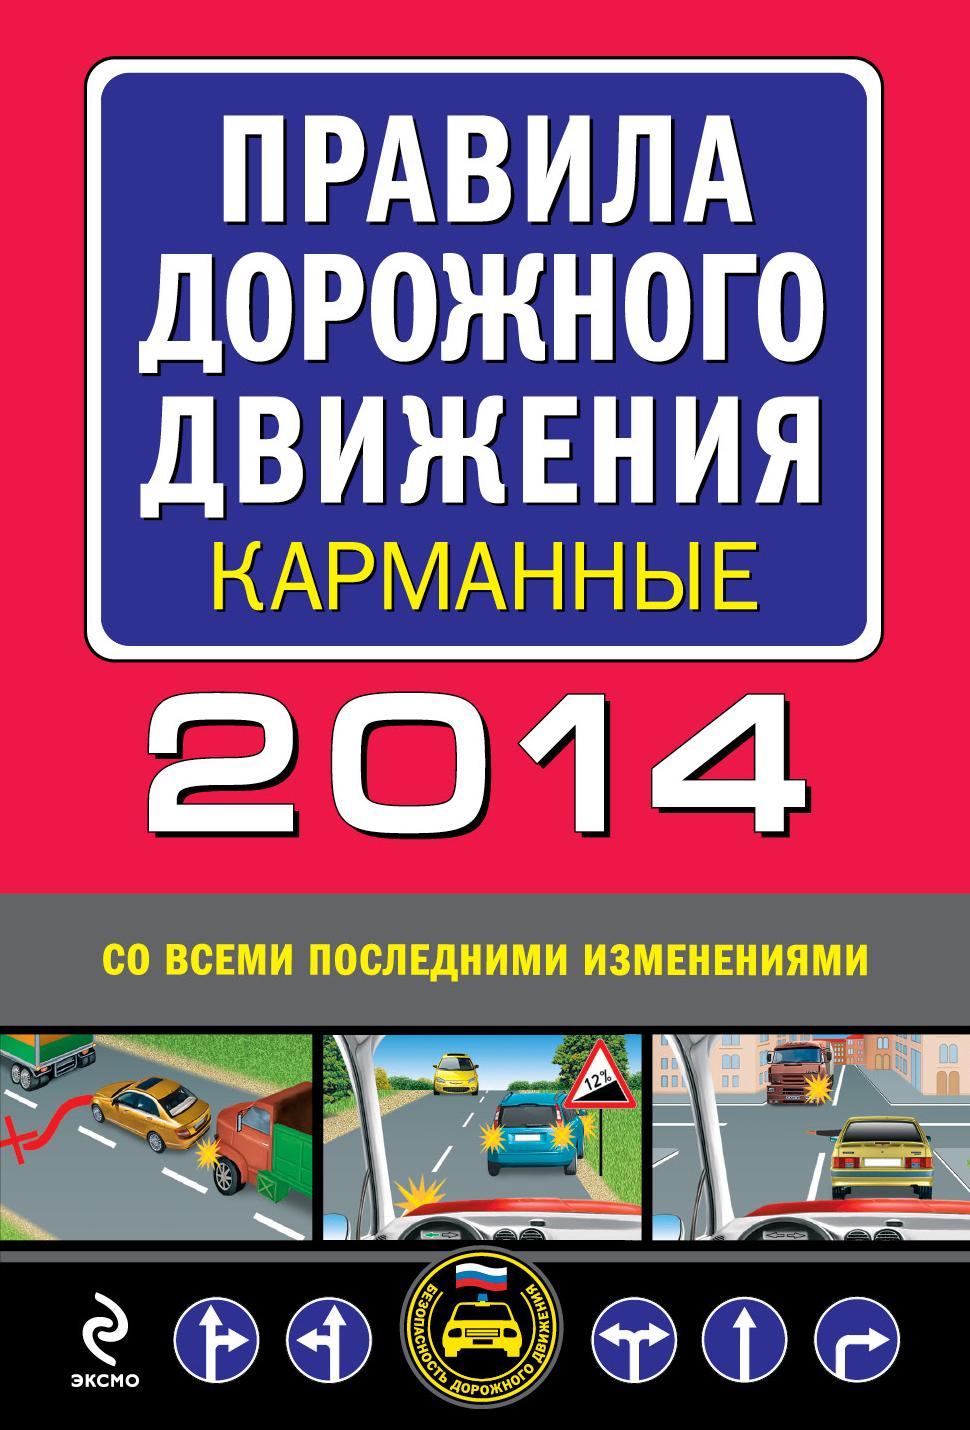 Правила дорожного движения 2014 карманные. Со всеми последними изменениями